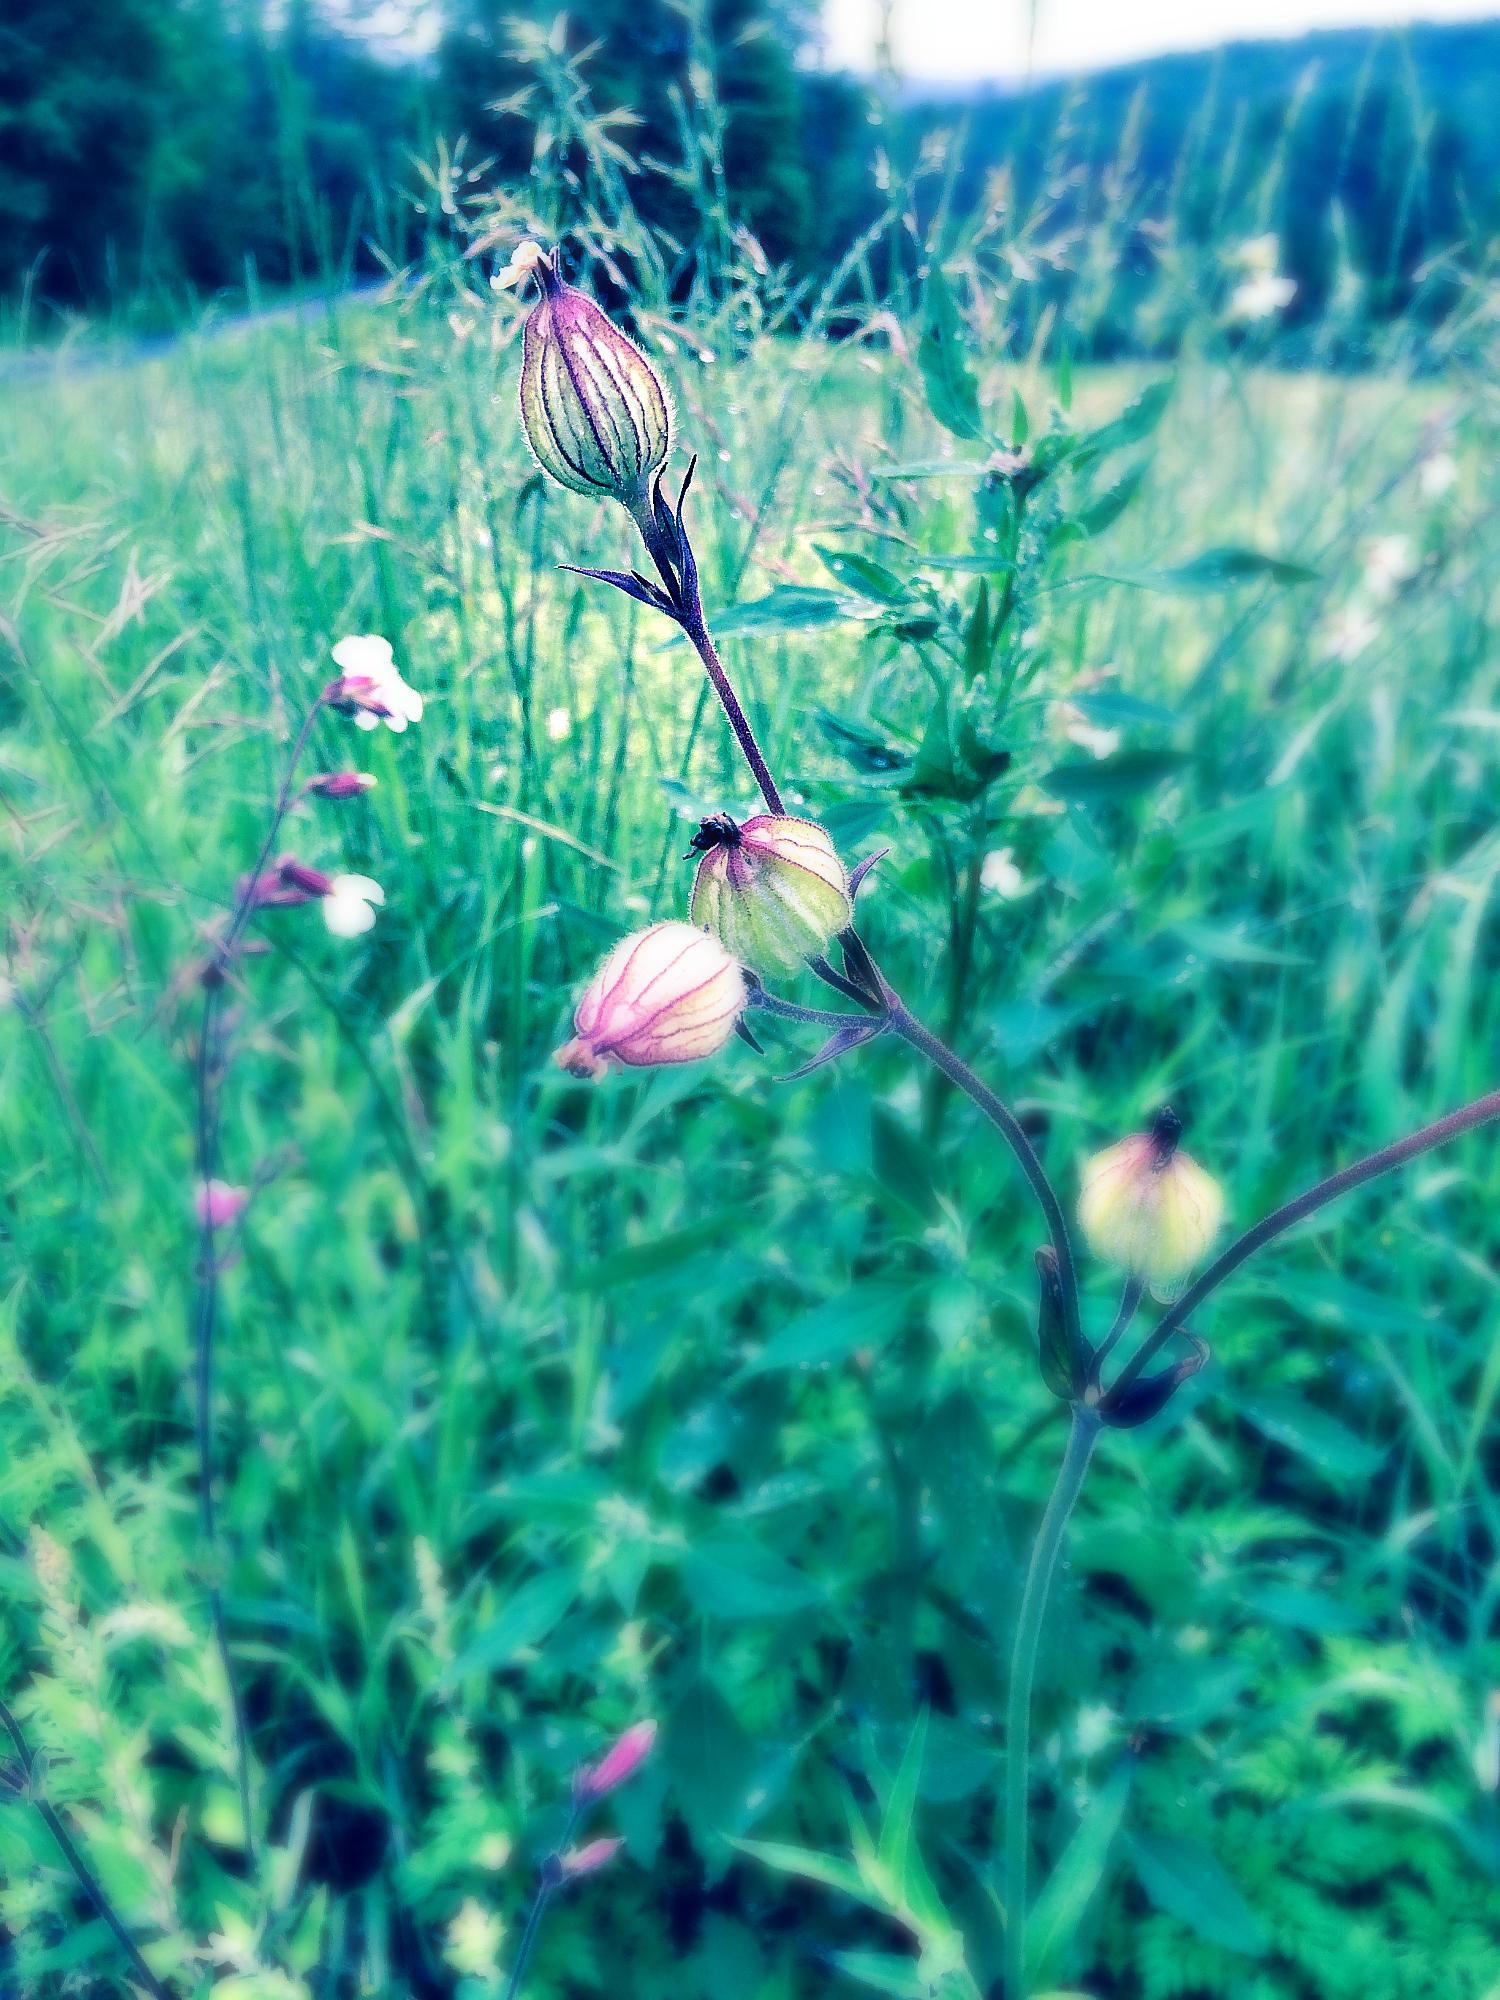 Single Flower in Morning by Dena T Bray